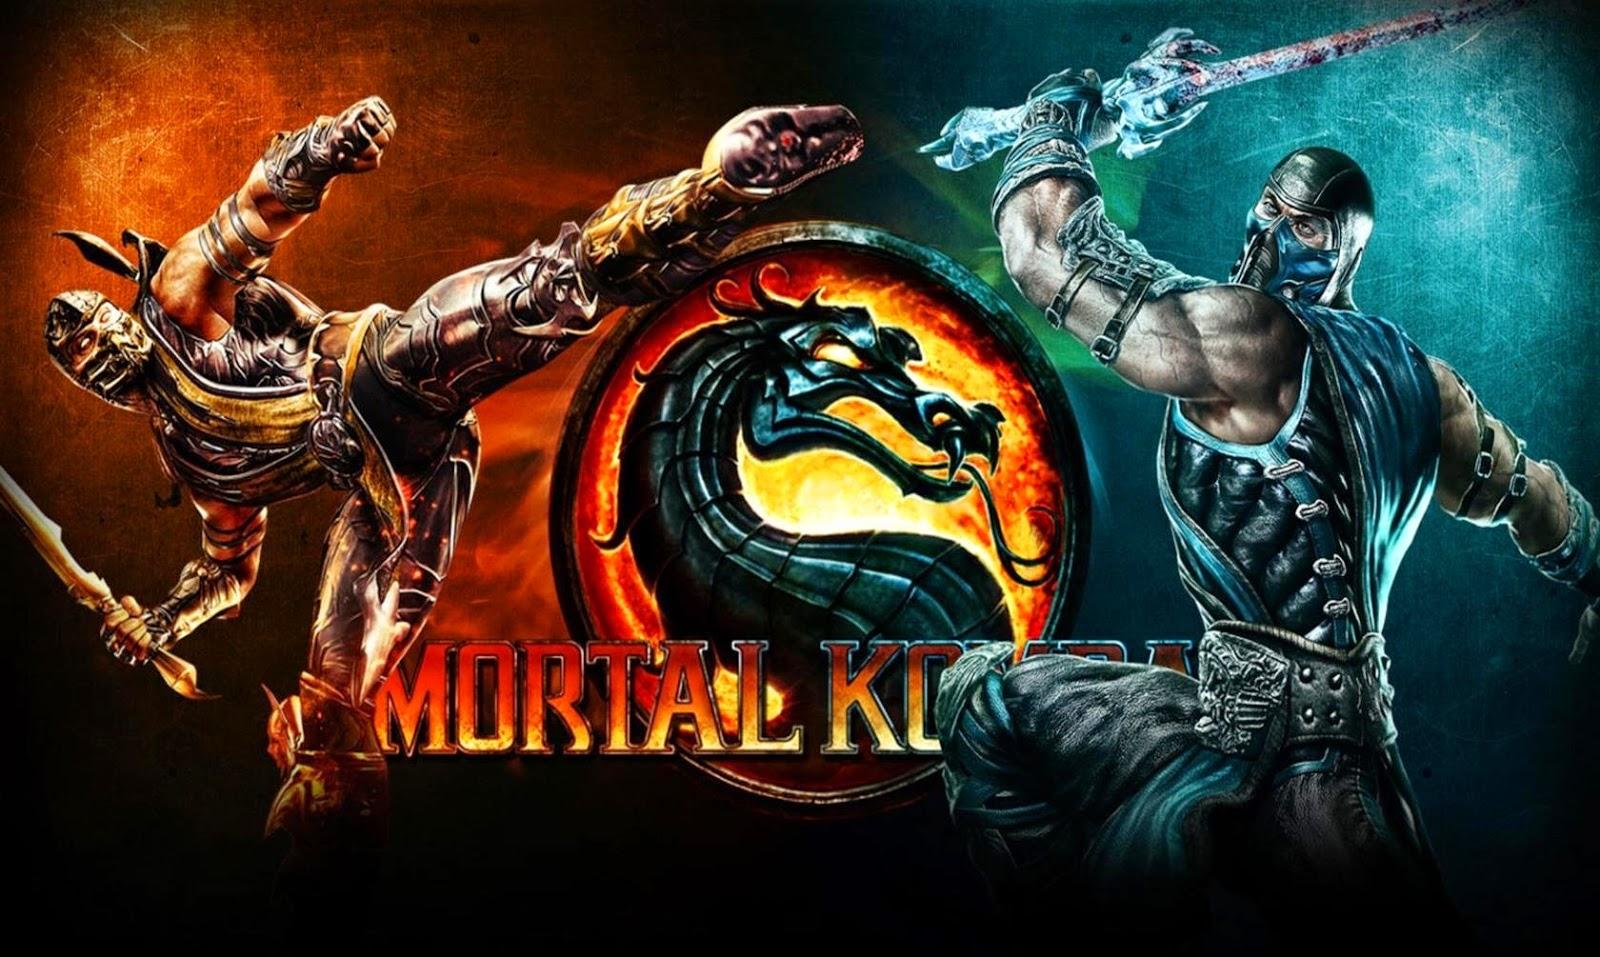 Mortal Kombat X presento el trailer de lanzamiento